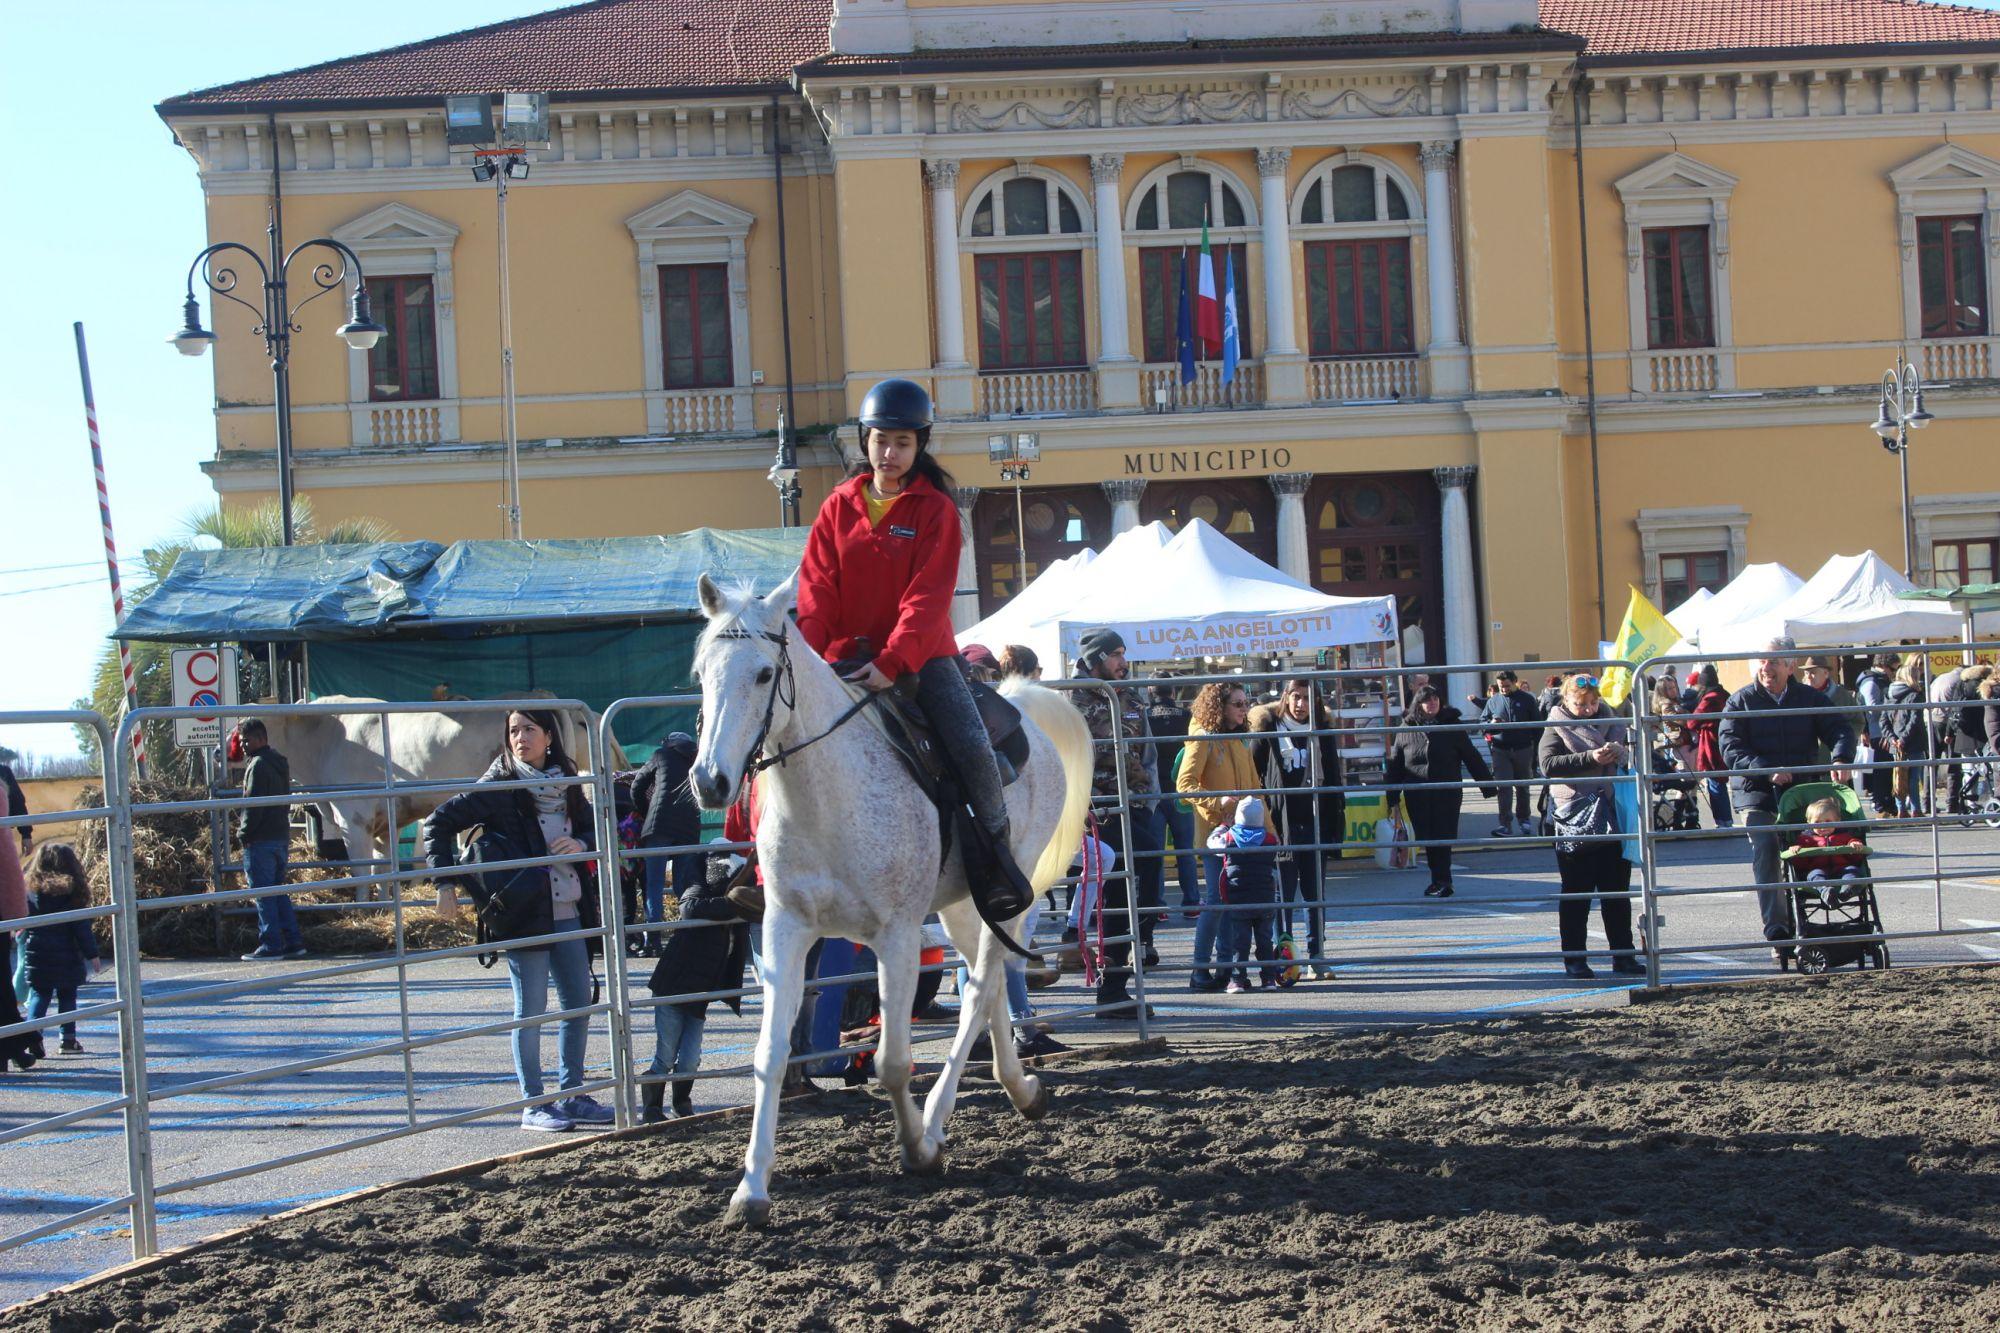 Centro sold out per San Biagio, animali fattoria Piazza Matteotti i grandi protagonisti